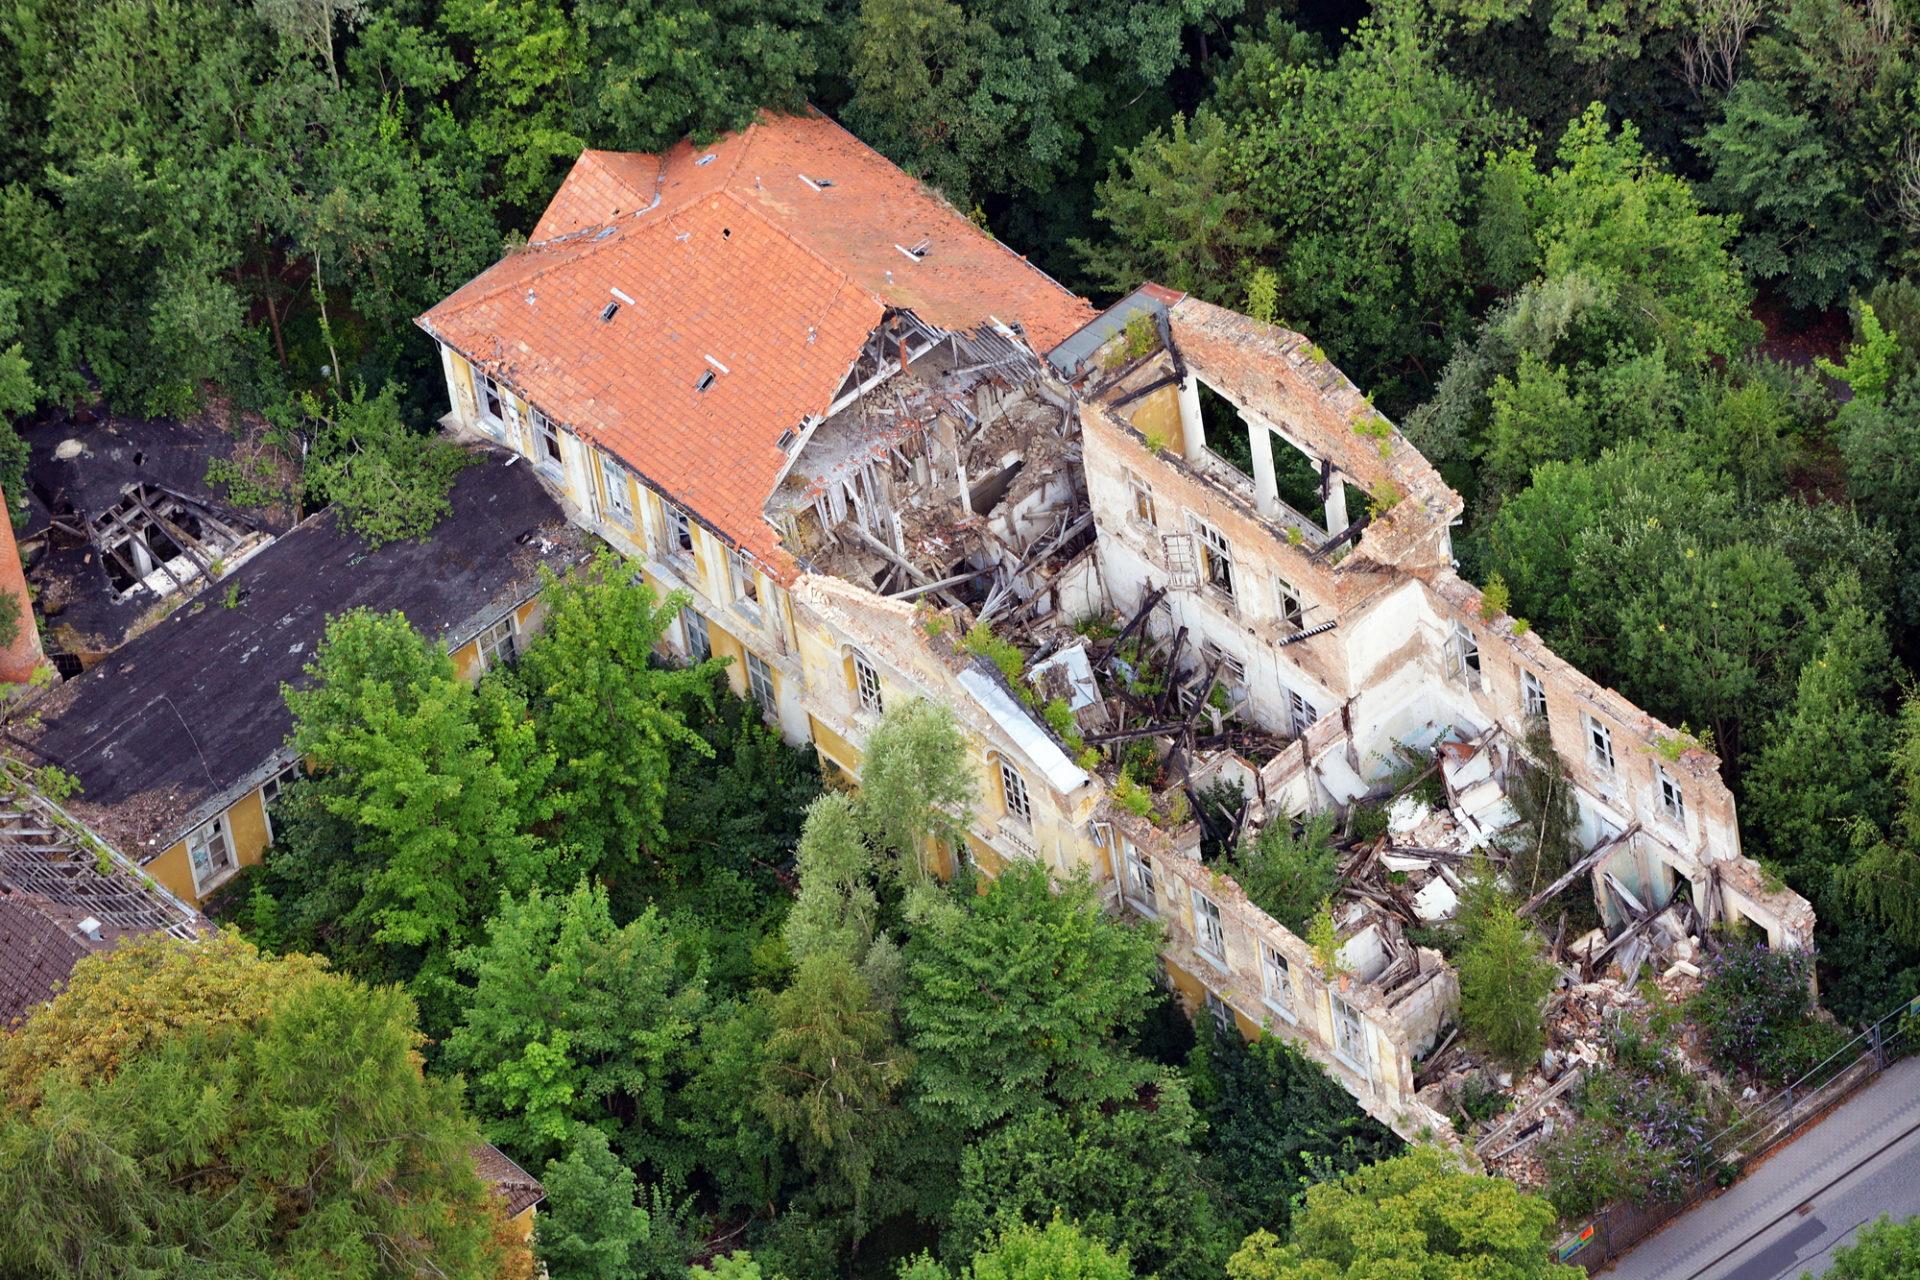 Luftbild Ruine Stahlbad - altes Moorbad Bad Doberan